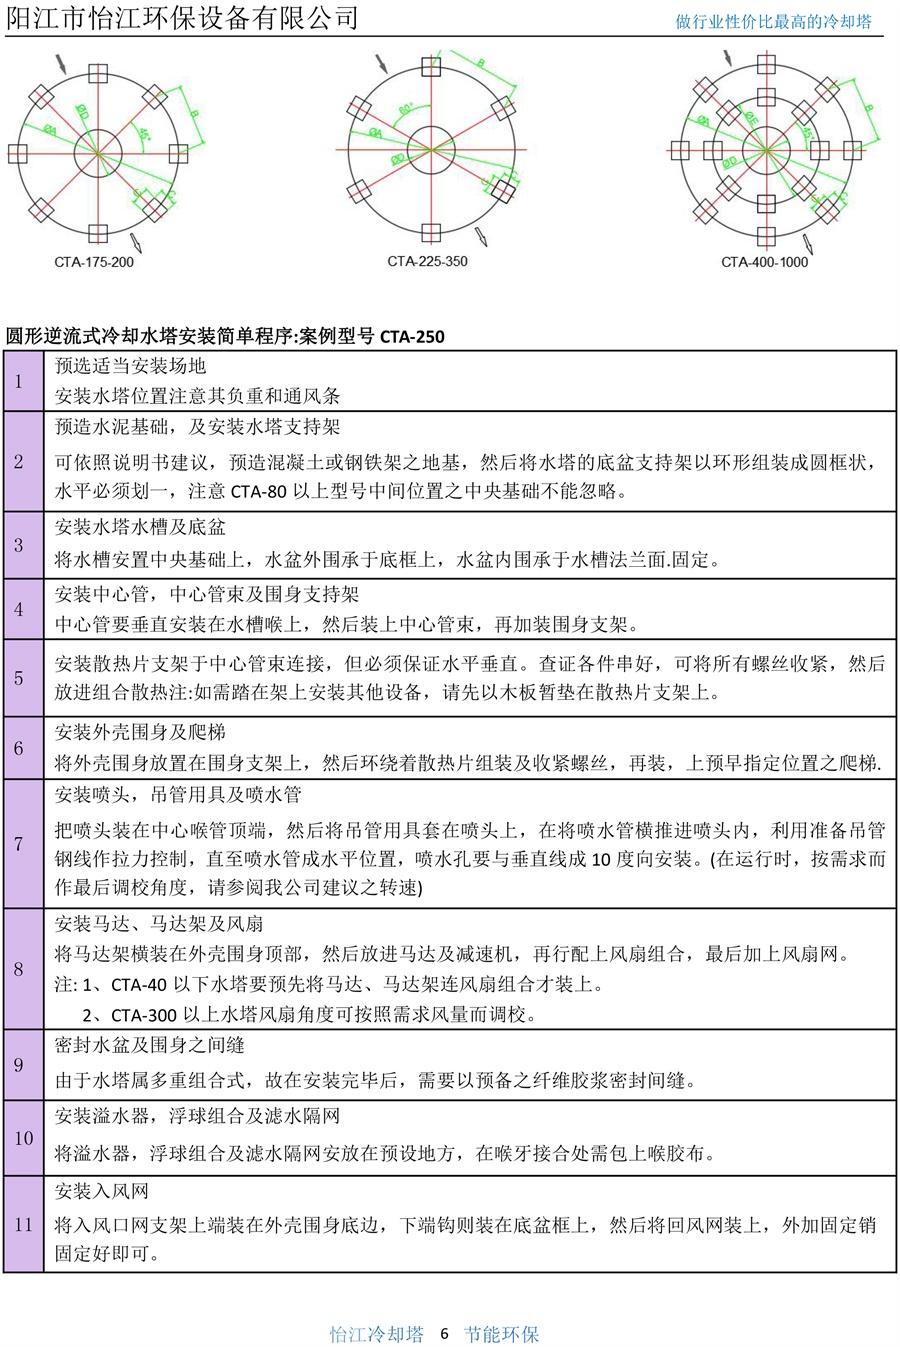 產品手冊(彩頁)3-6.jpg